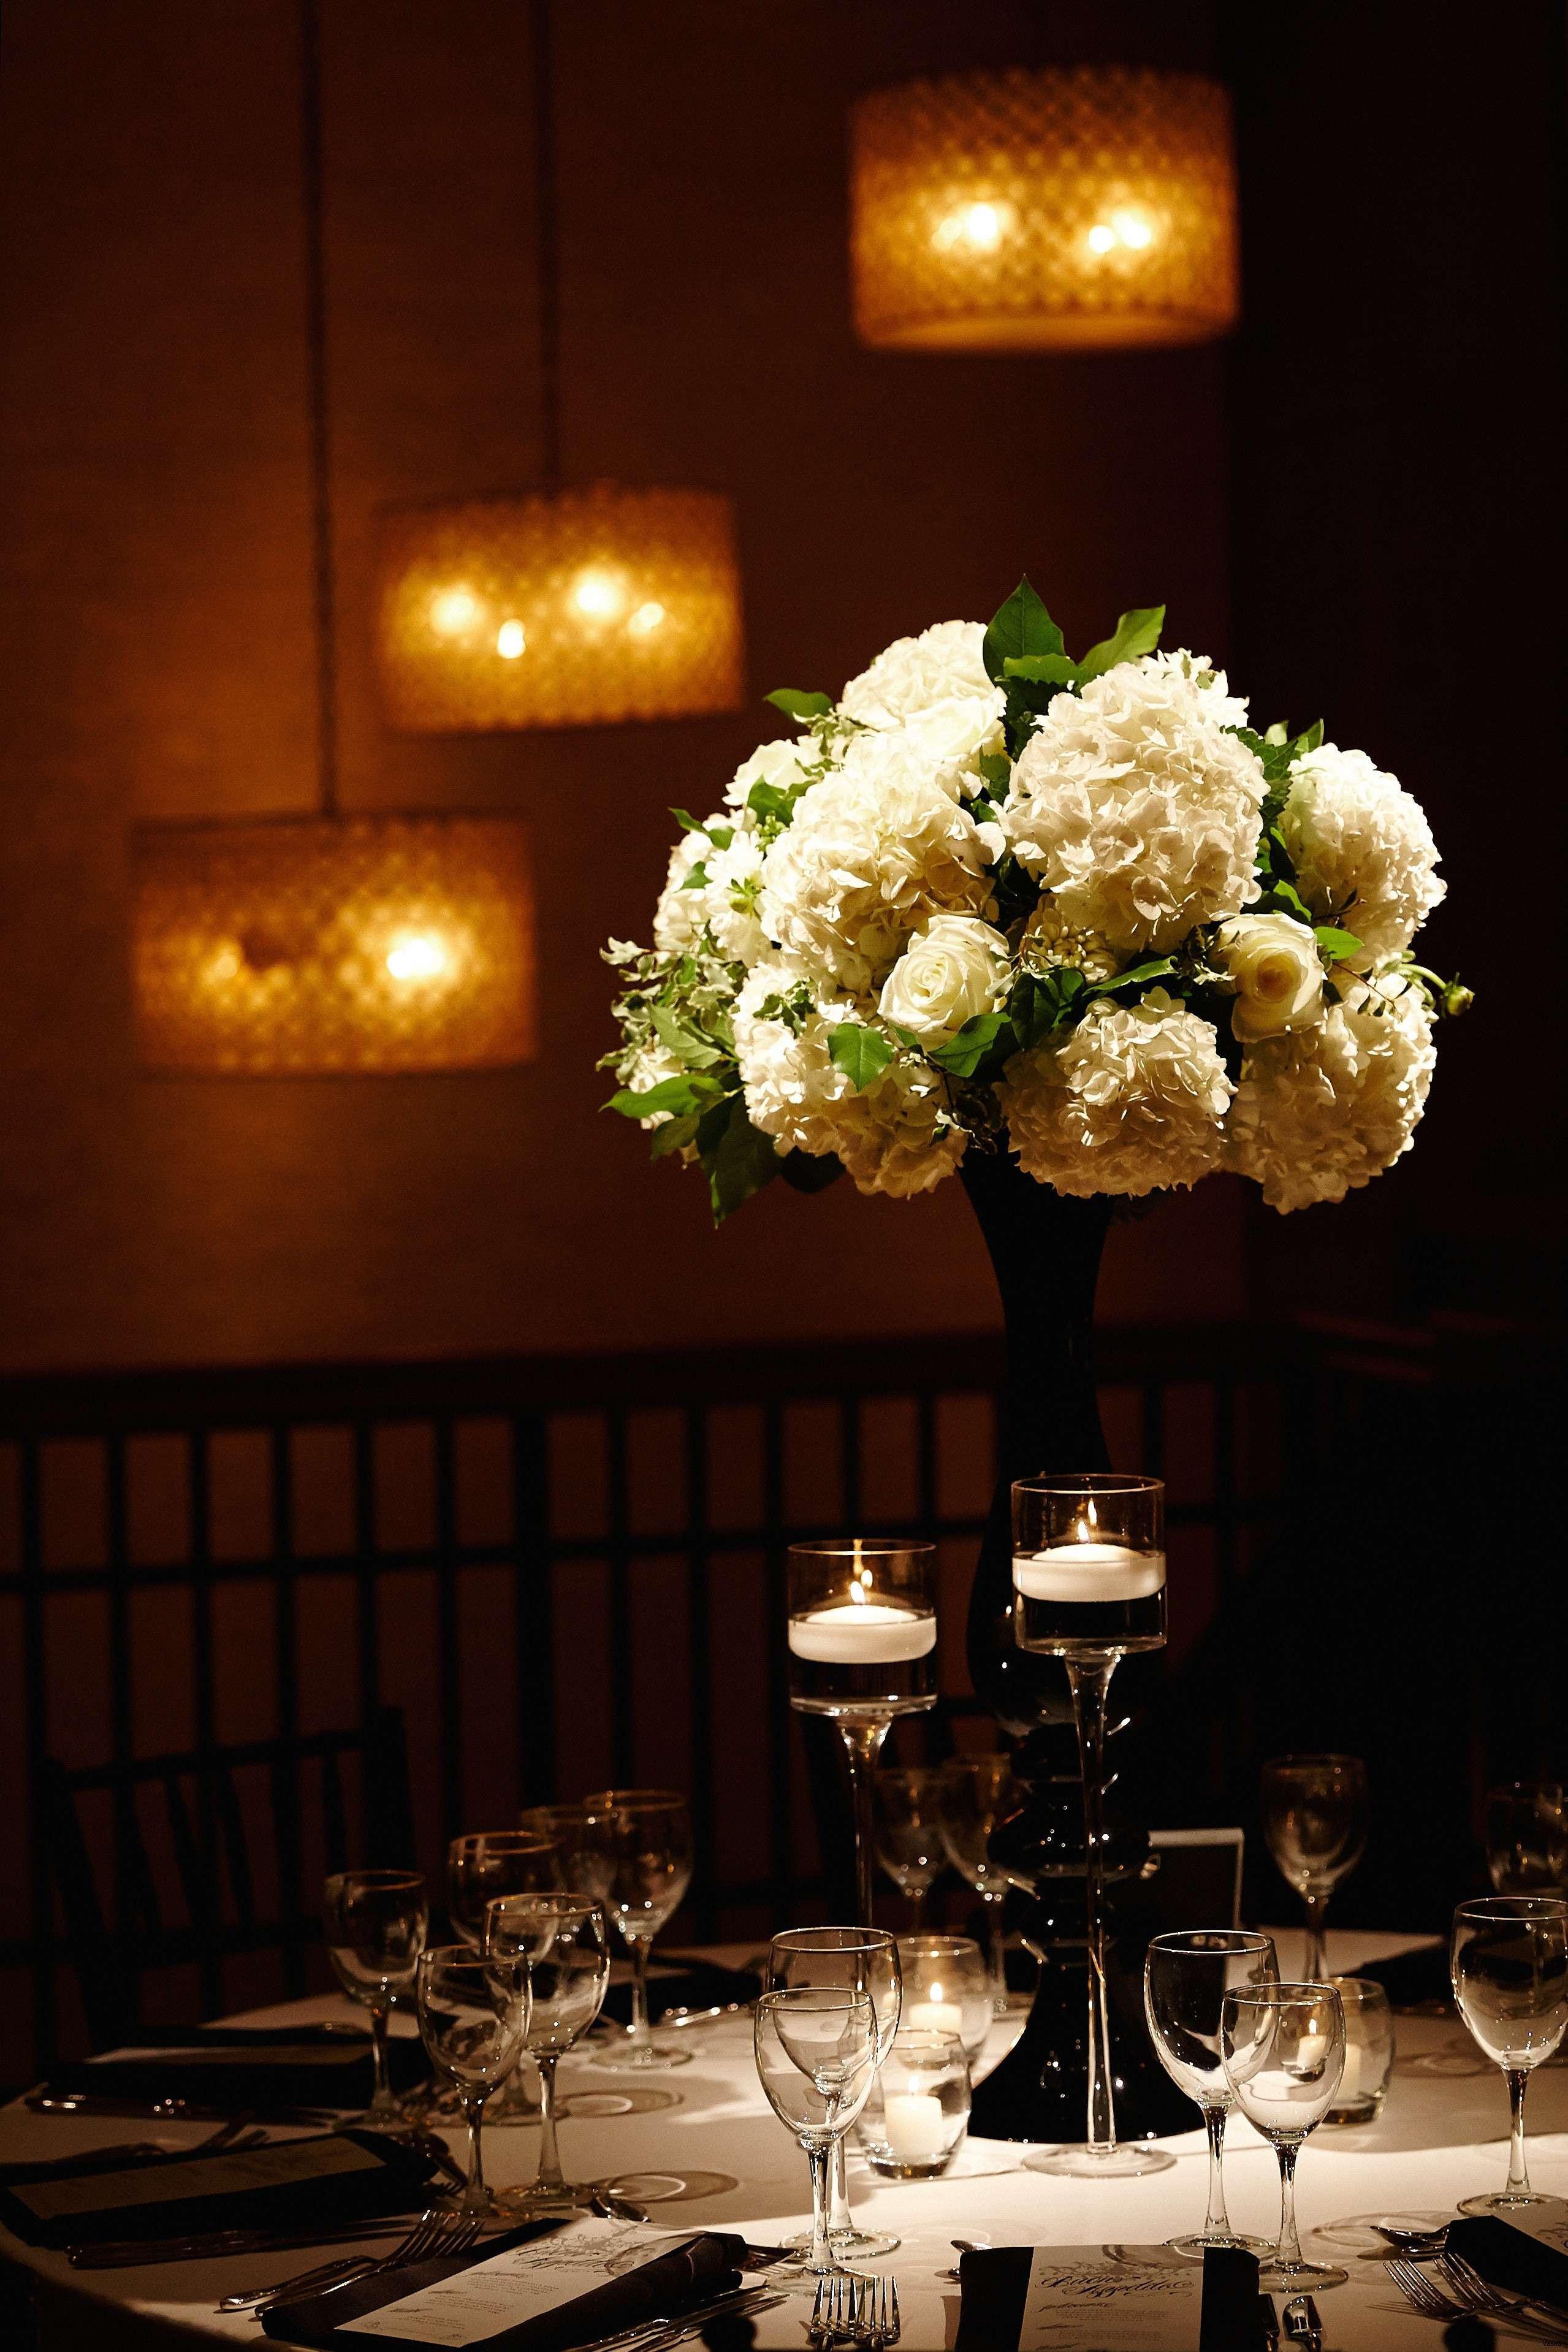 bamboo vase filler of 16 lovely flowers in a tall white vase bogekompresorturkiye com within il fullxfull h vases black vase white flowers zoomi 0d with design design ideas vase